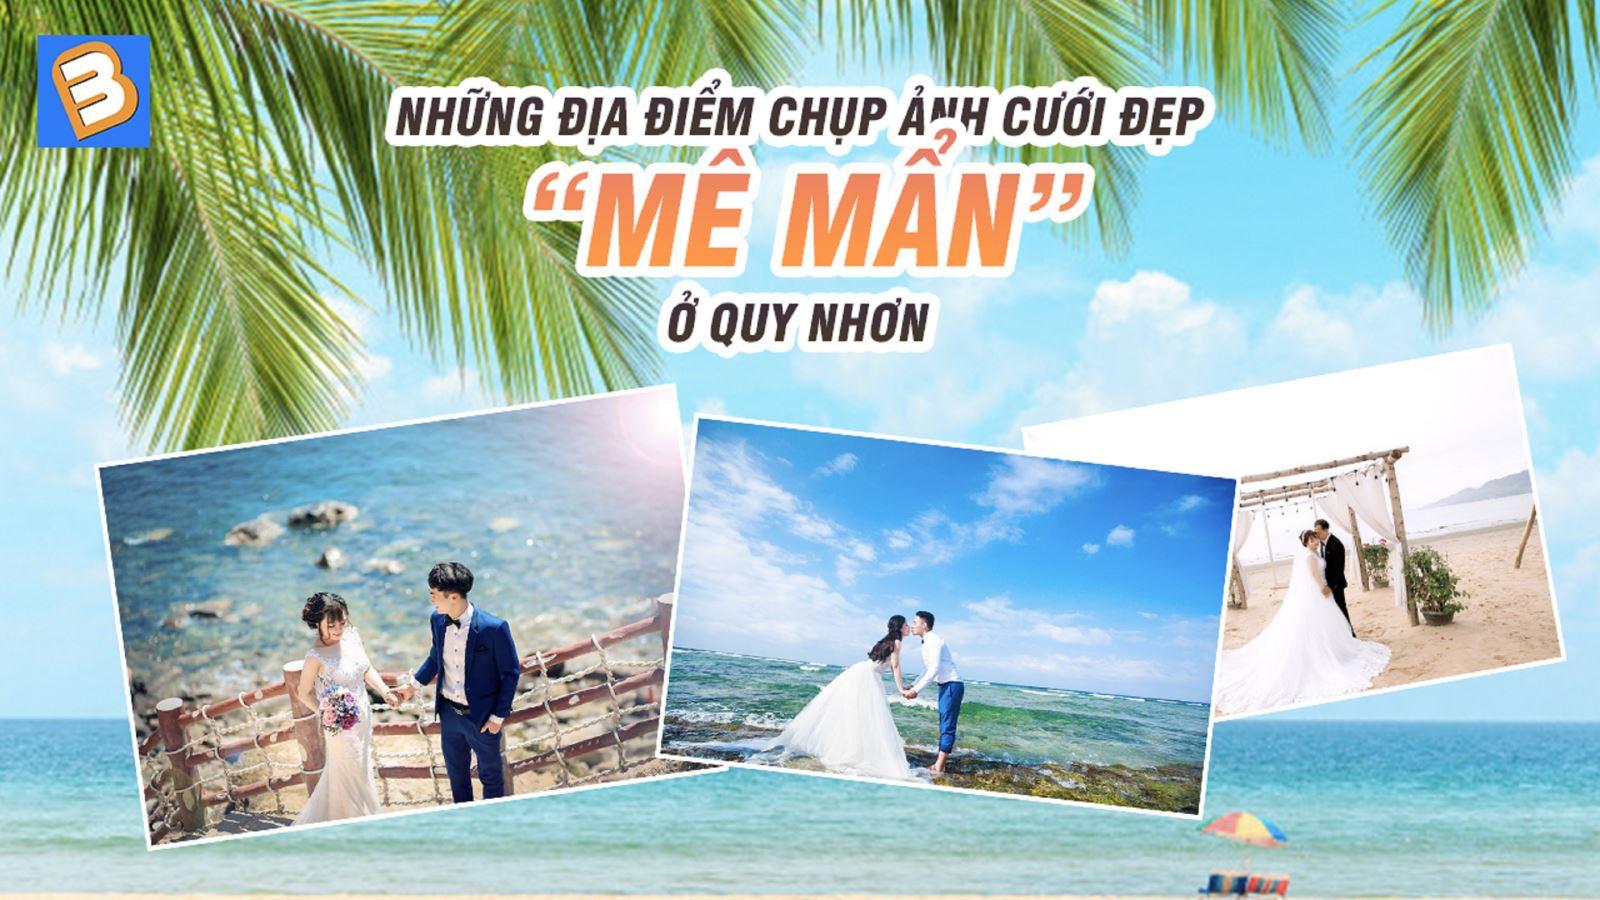 Những địa điểm chụp ảnh cưới đẹp 'mê mẩn' ở Quy Nhơn